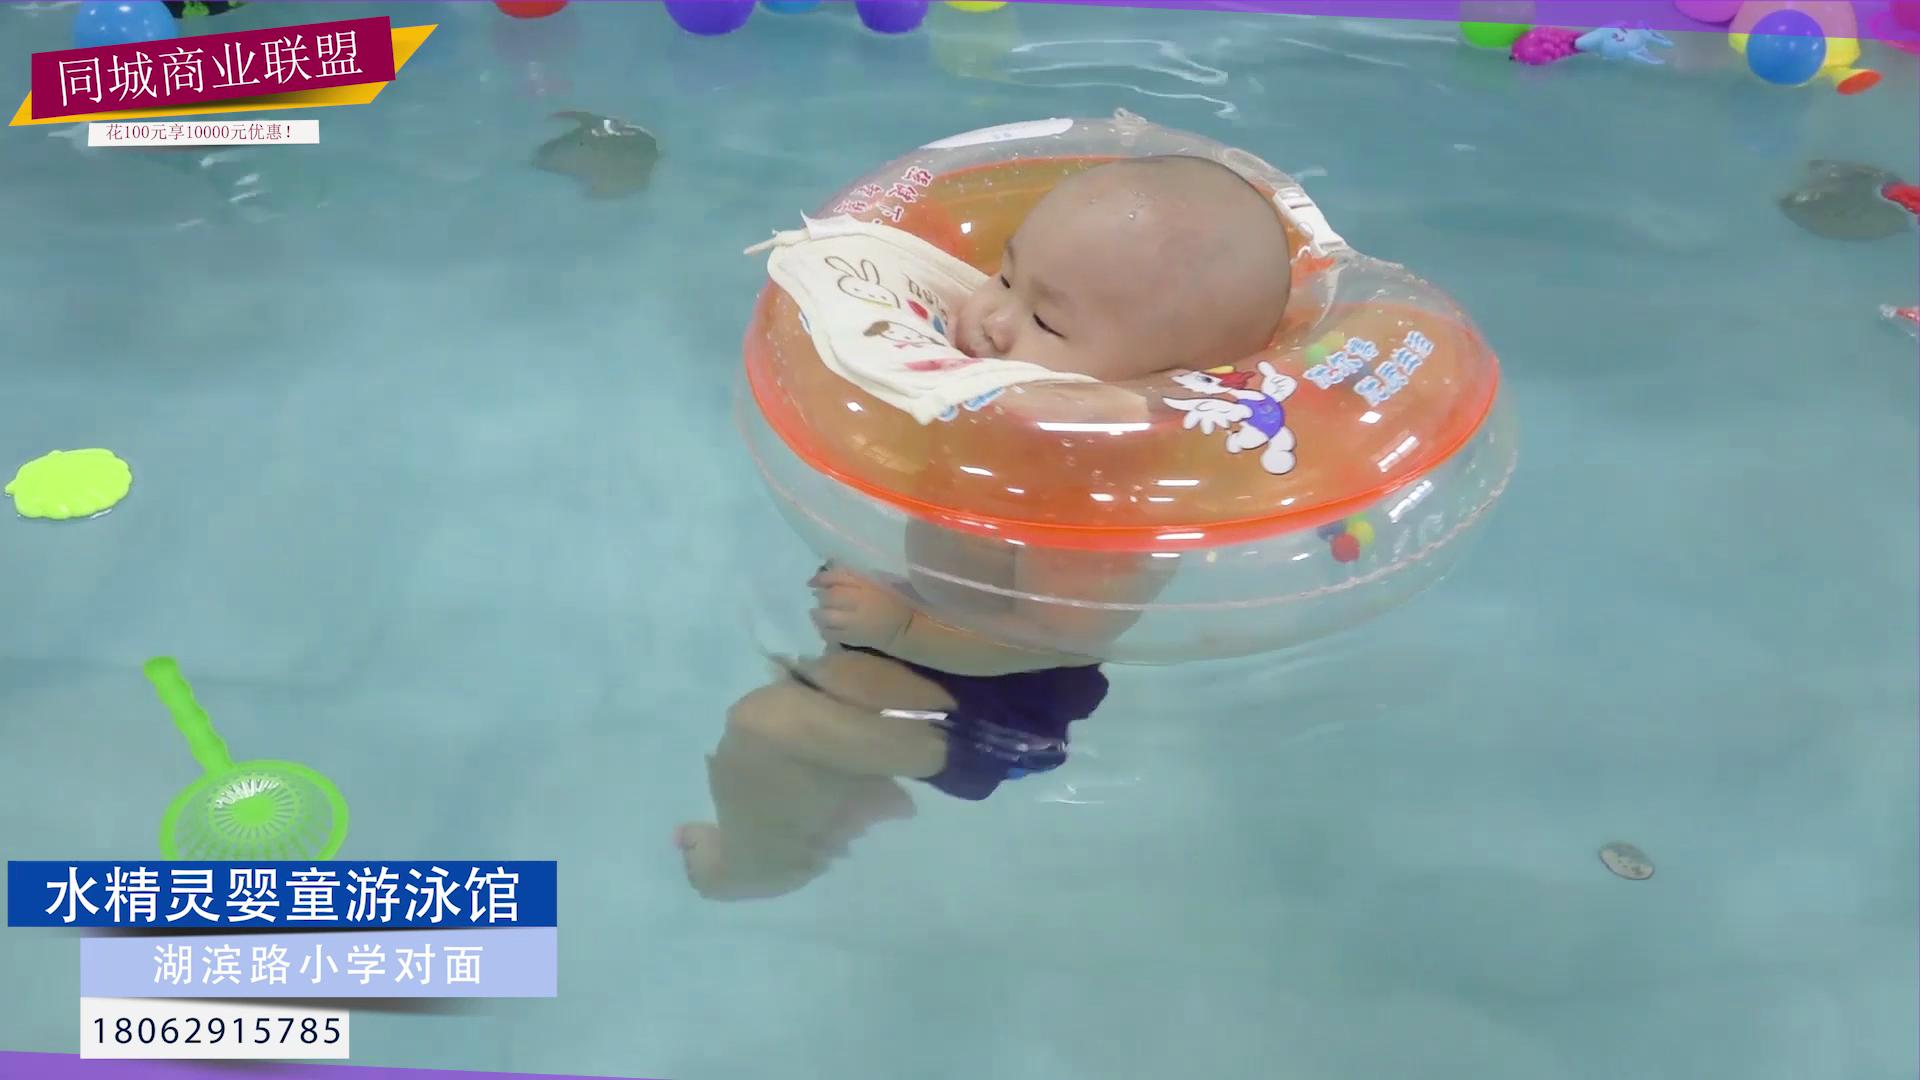 黄石同城百业联盟--水精灵婴童游泳馆